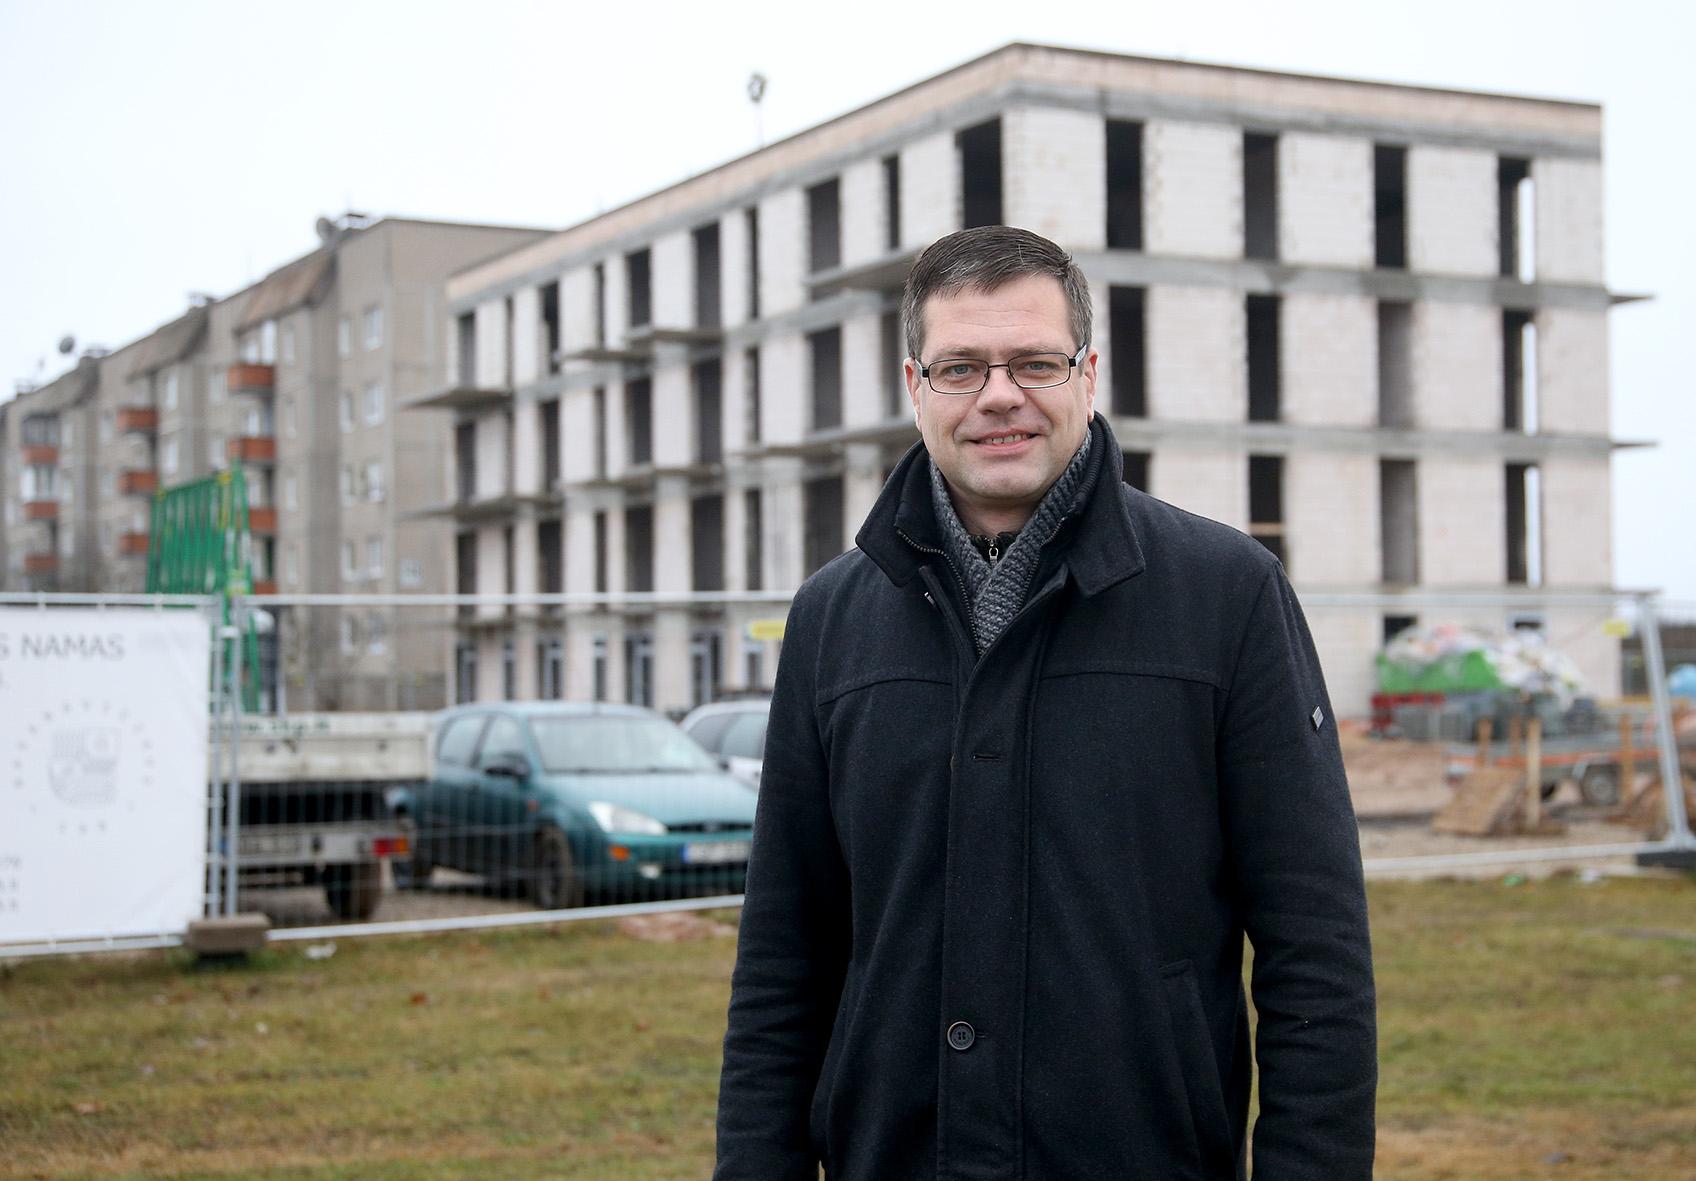 •J. Basanavičiaus g. 148B projekto vadovas Tomas Žalpys gyventojus jau dabar kviečia susipažinti su namo savybėmis bei išsirinkti patikusį būstą.